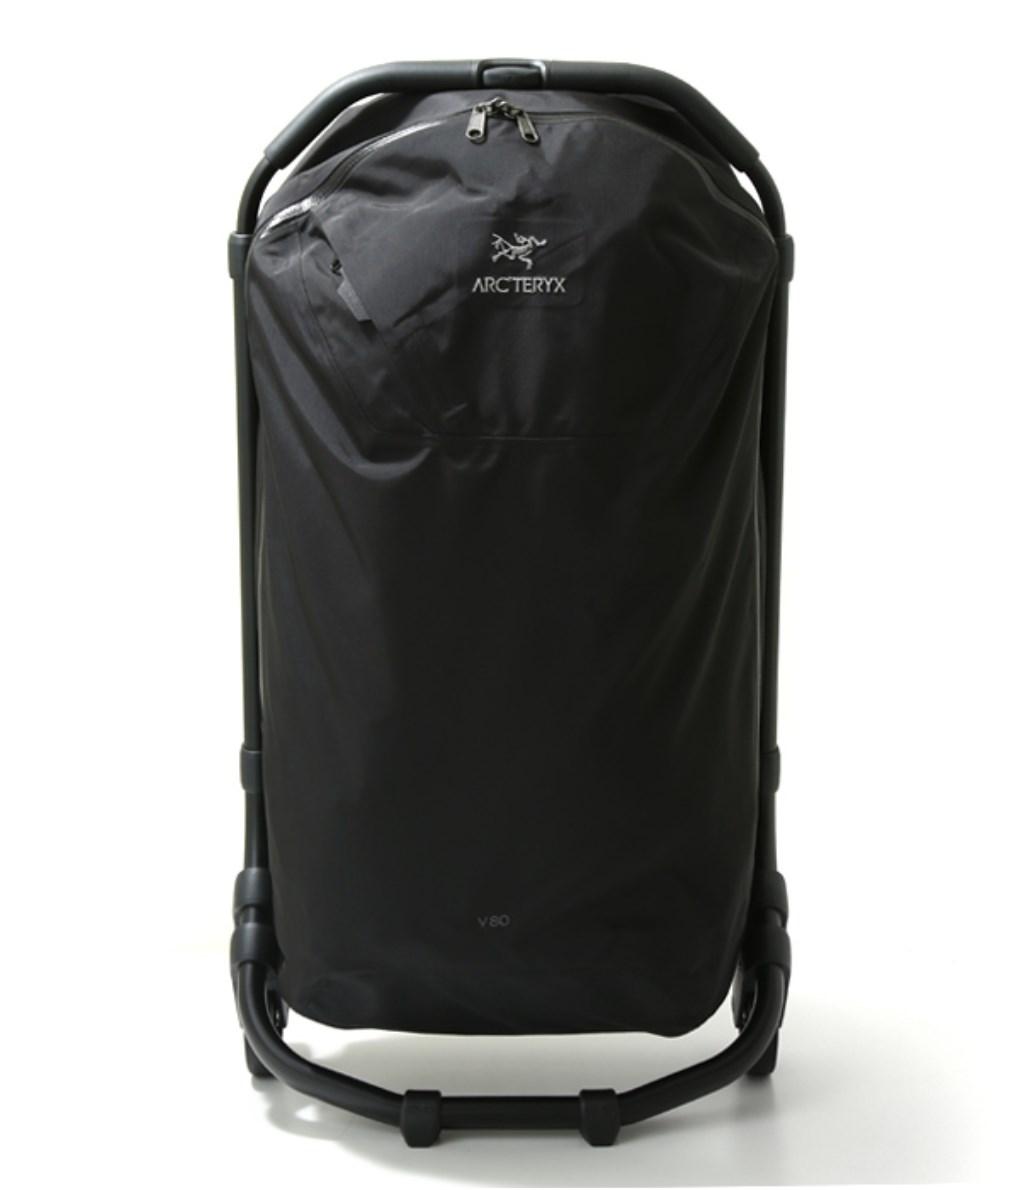 【国内正規品】ARC'TERYX / アークテリクス : V80 Rolling Duffel : ローリングダッフル 旅行バッグ スーツケース キャリーバッグ : L06998600 【STD】